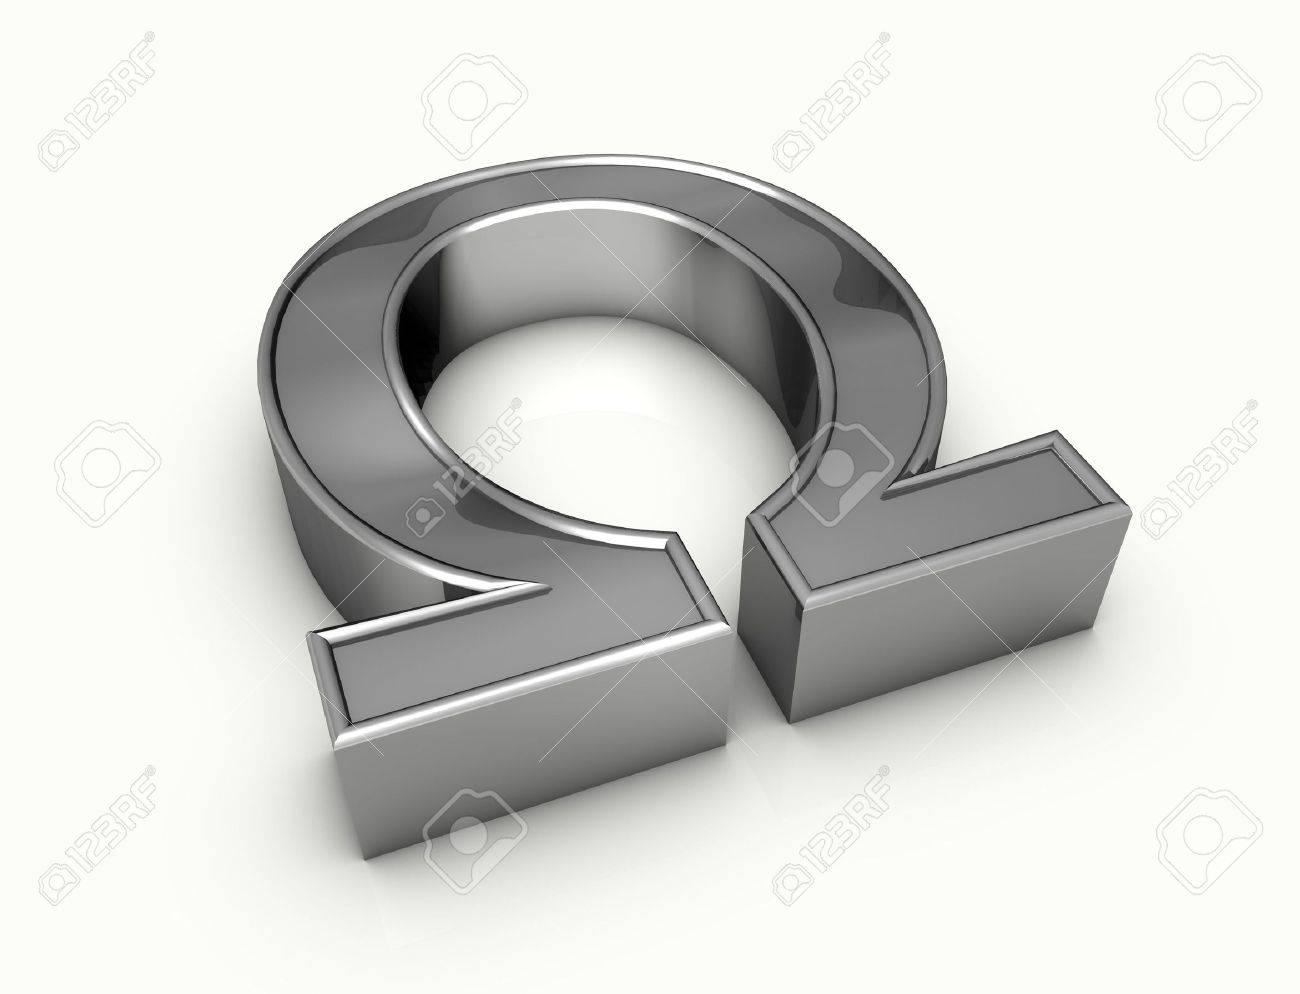 ohm symbol Standard-Bild - 4489784